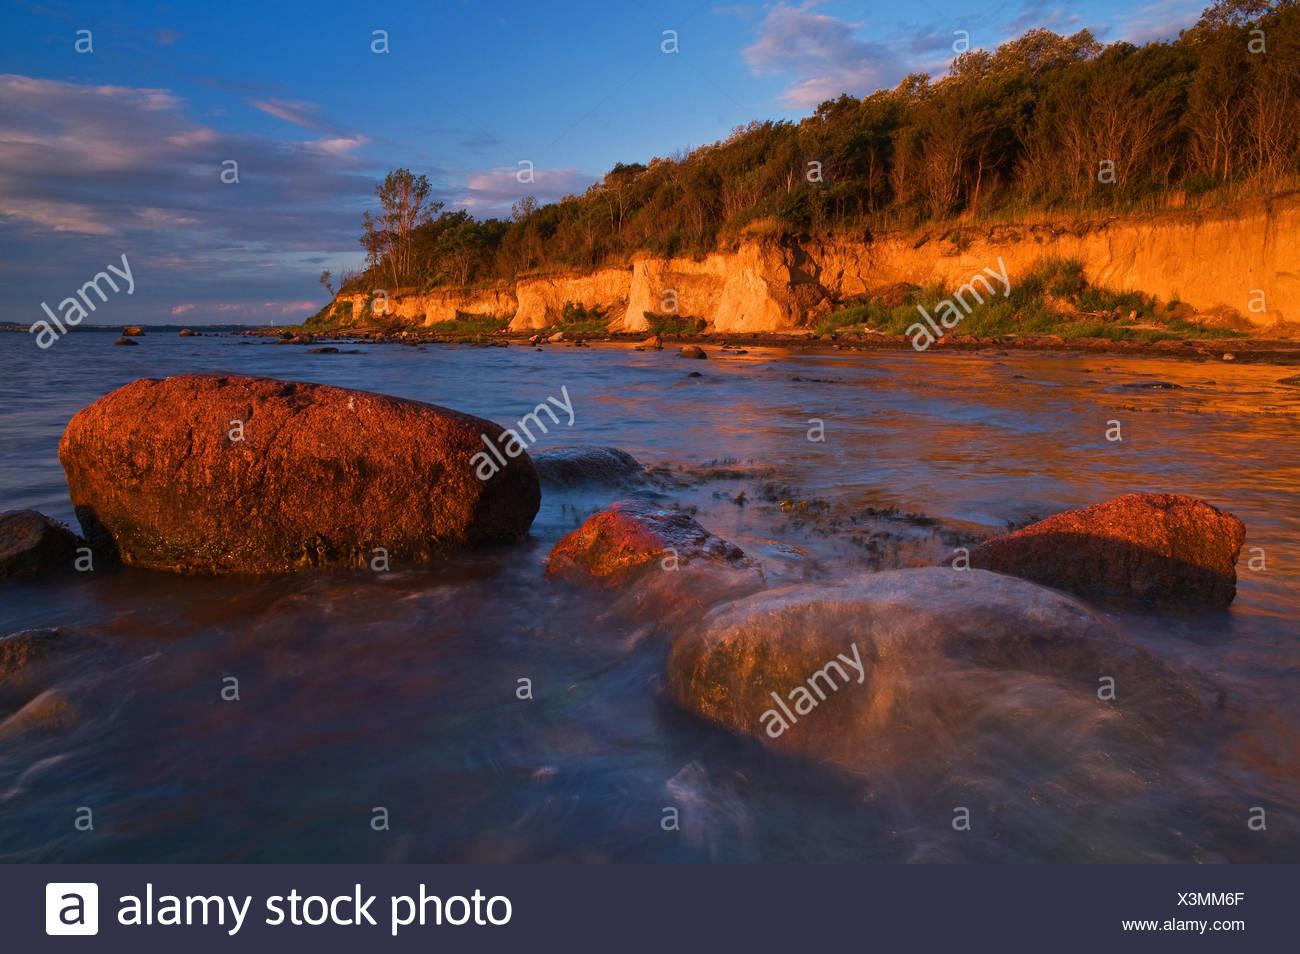 Insel Poel, Ostsee, Küste, Stockbild